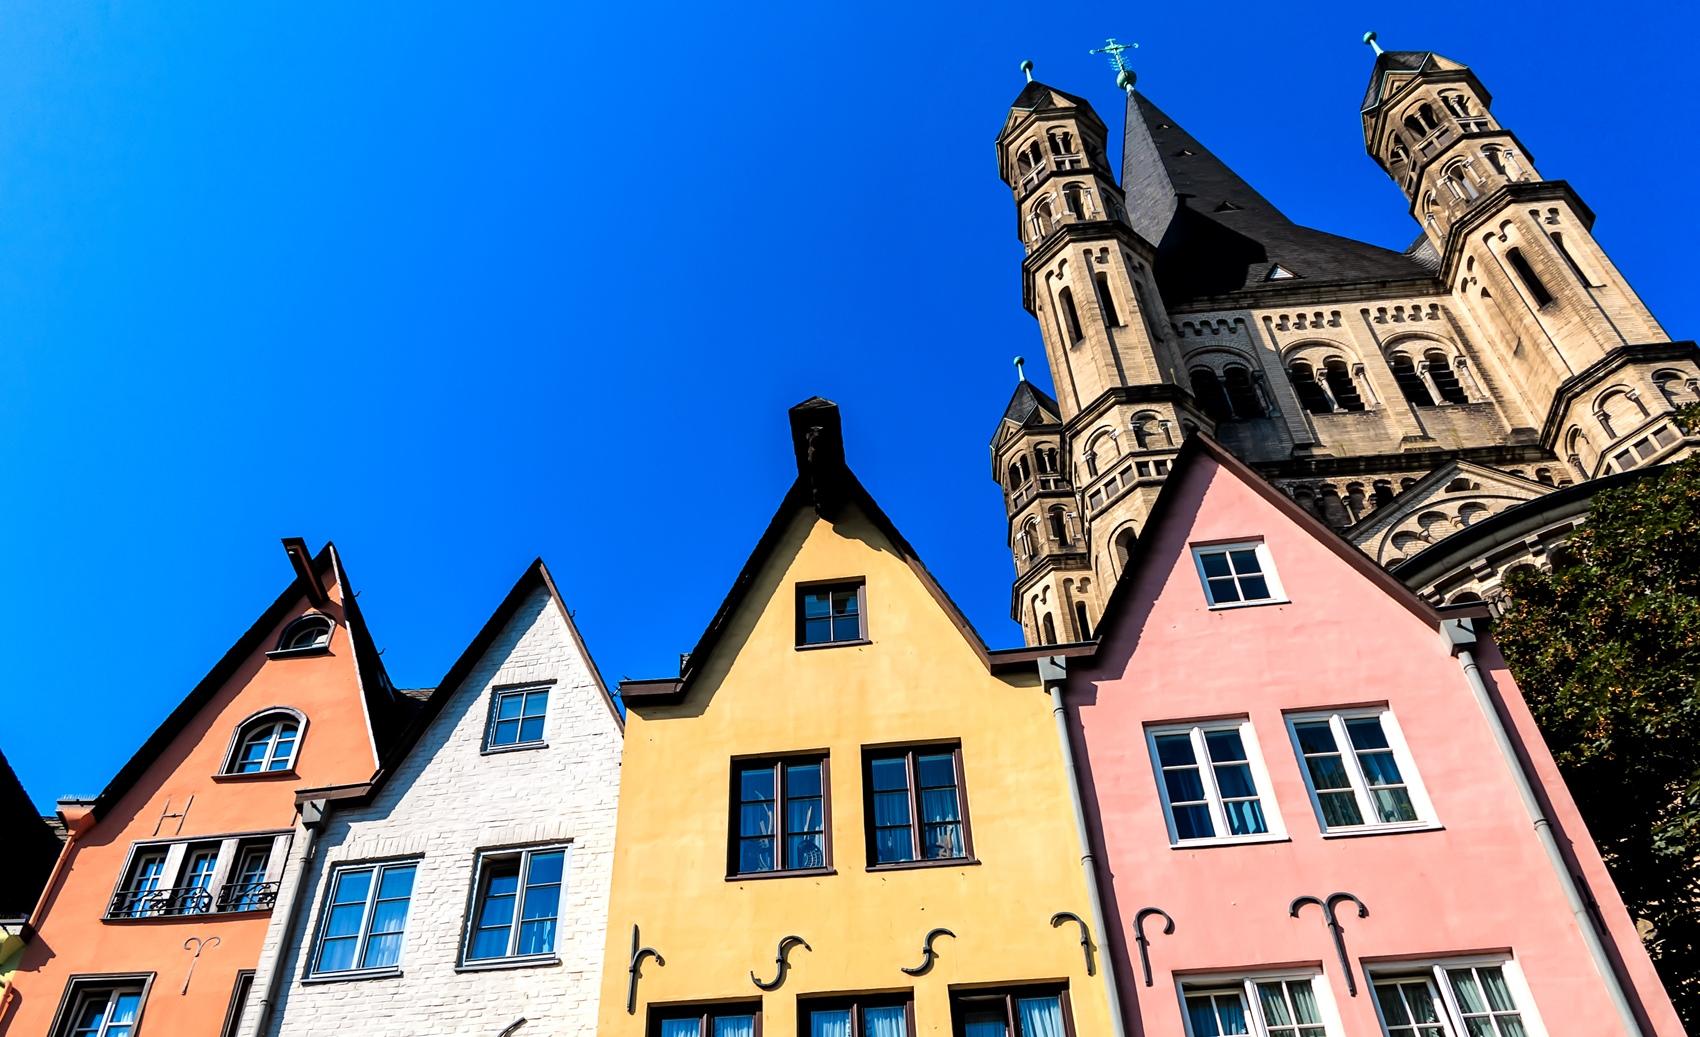 Eine Reihe bunter Huser am Rheinufer vor Gro St. Martin Kirche in Kln